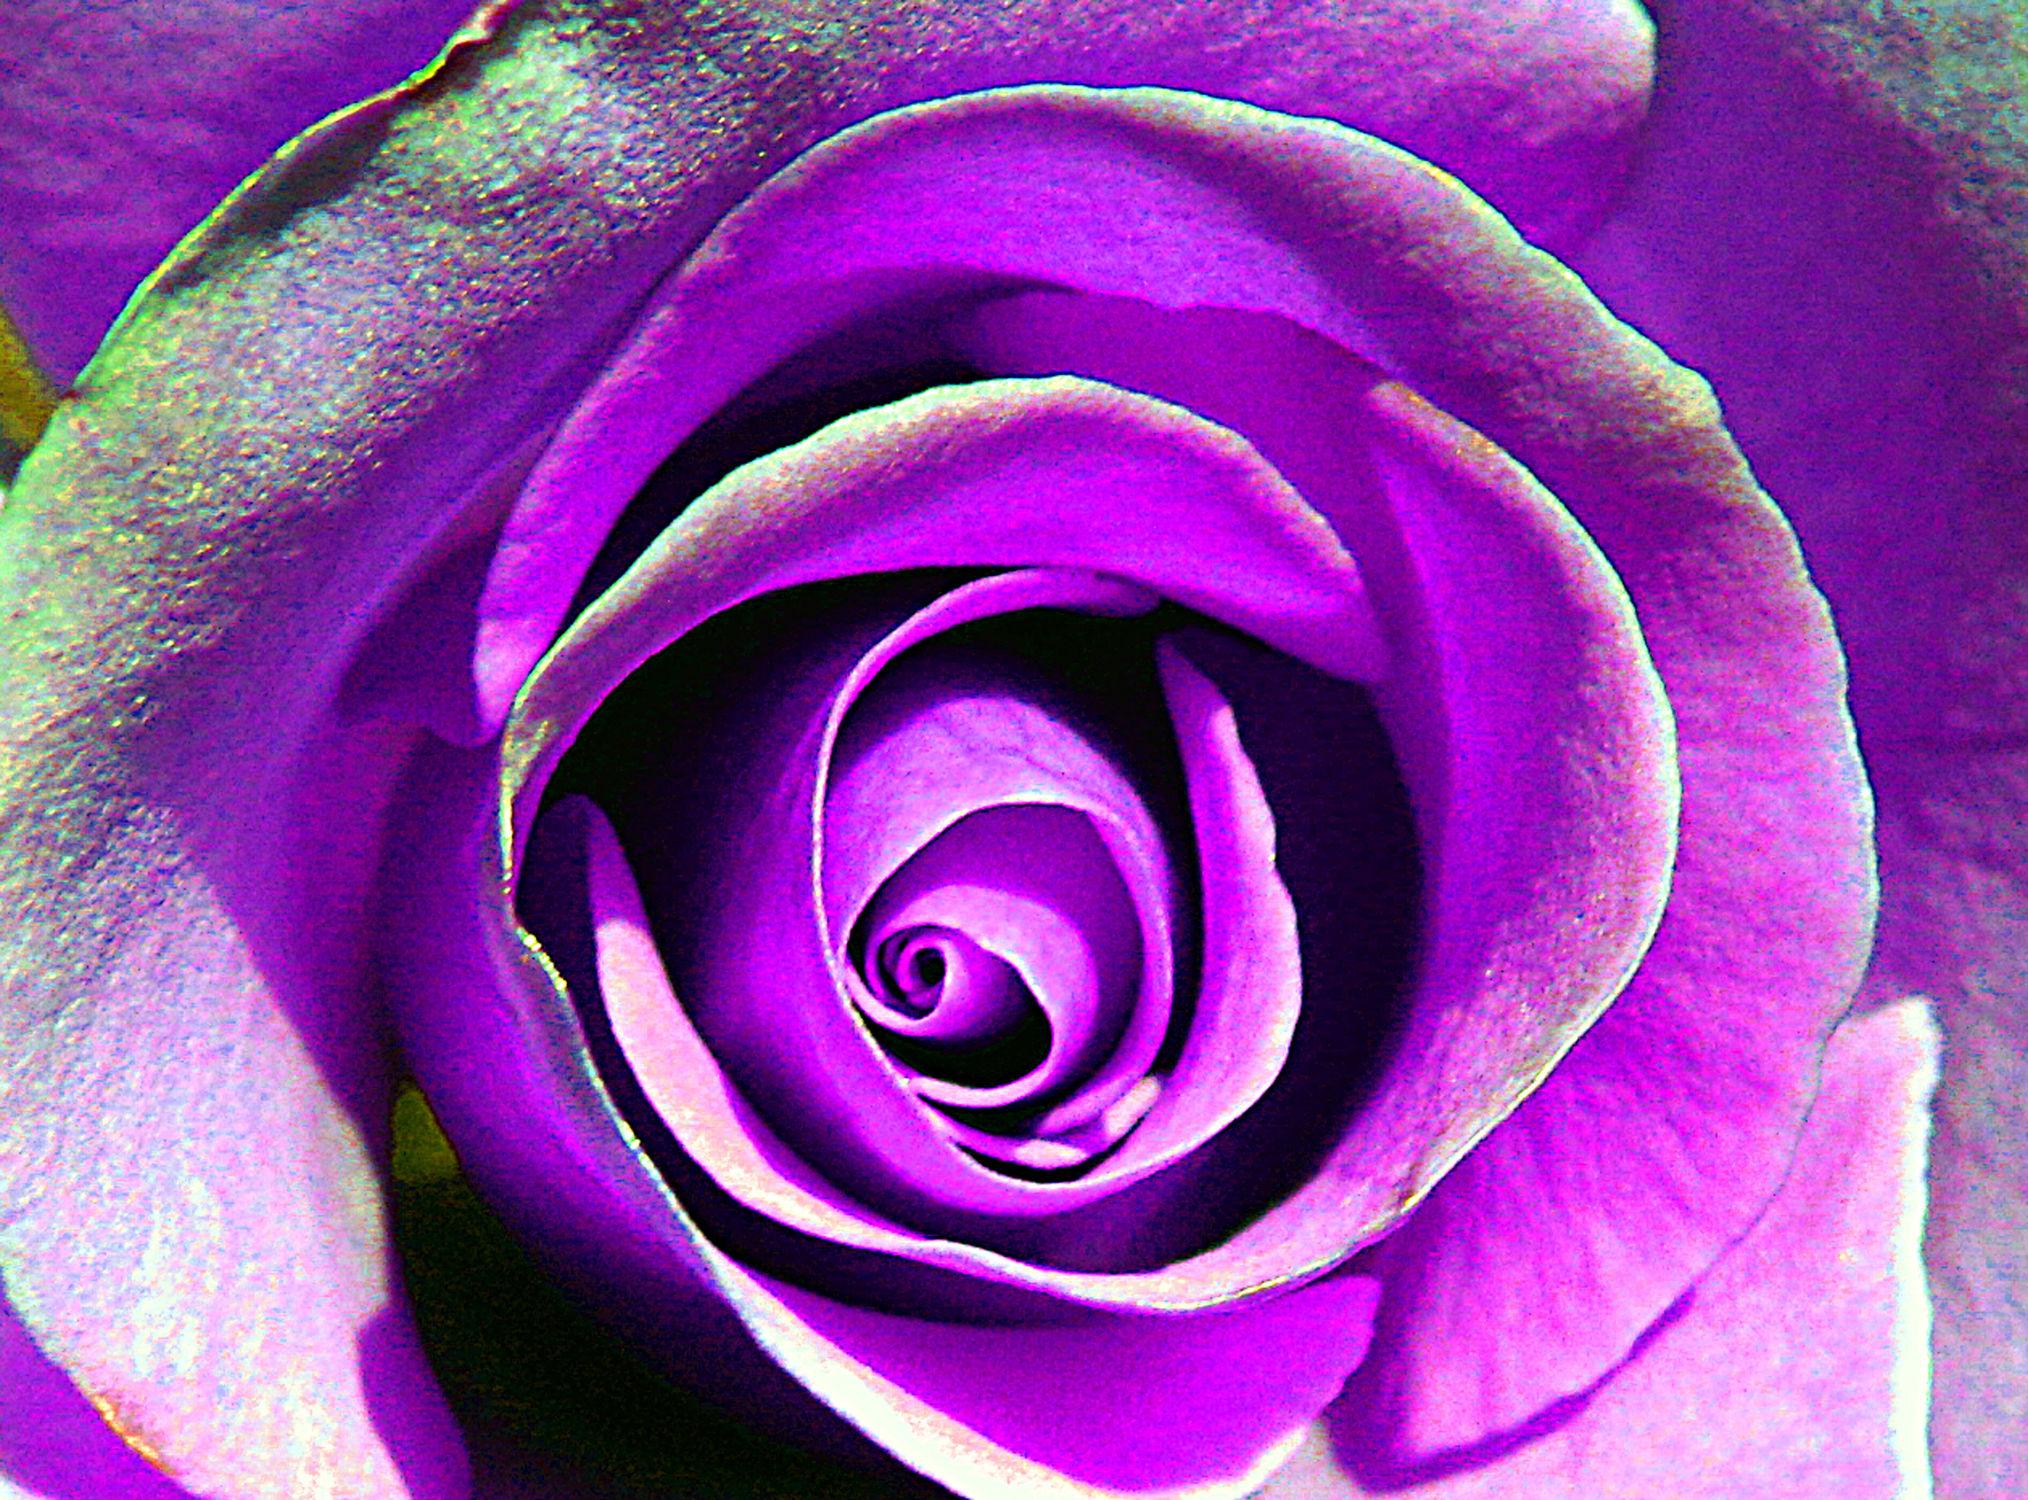 Bild mit Pflanzen, Rosa, Violett, Frühling, Rosen, Sommer, Pflanze, Rose, romantik, Schönheit, Blüten, blüte, frühjahr, Liebe